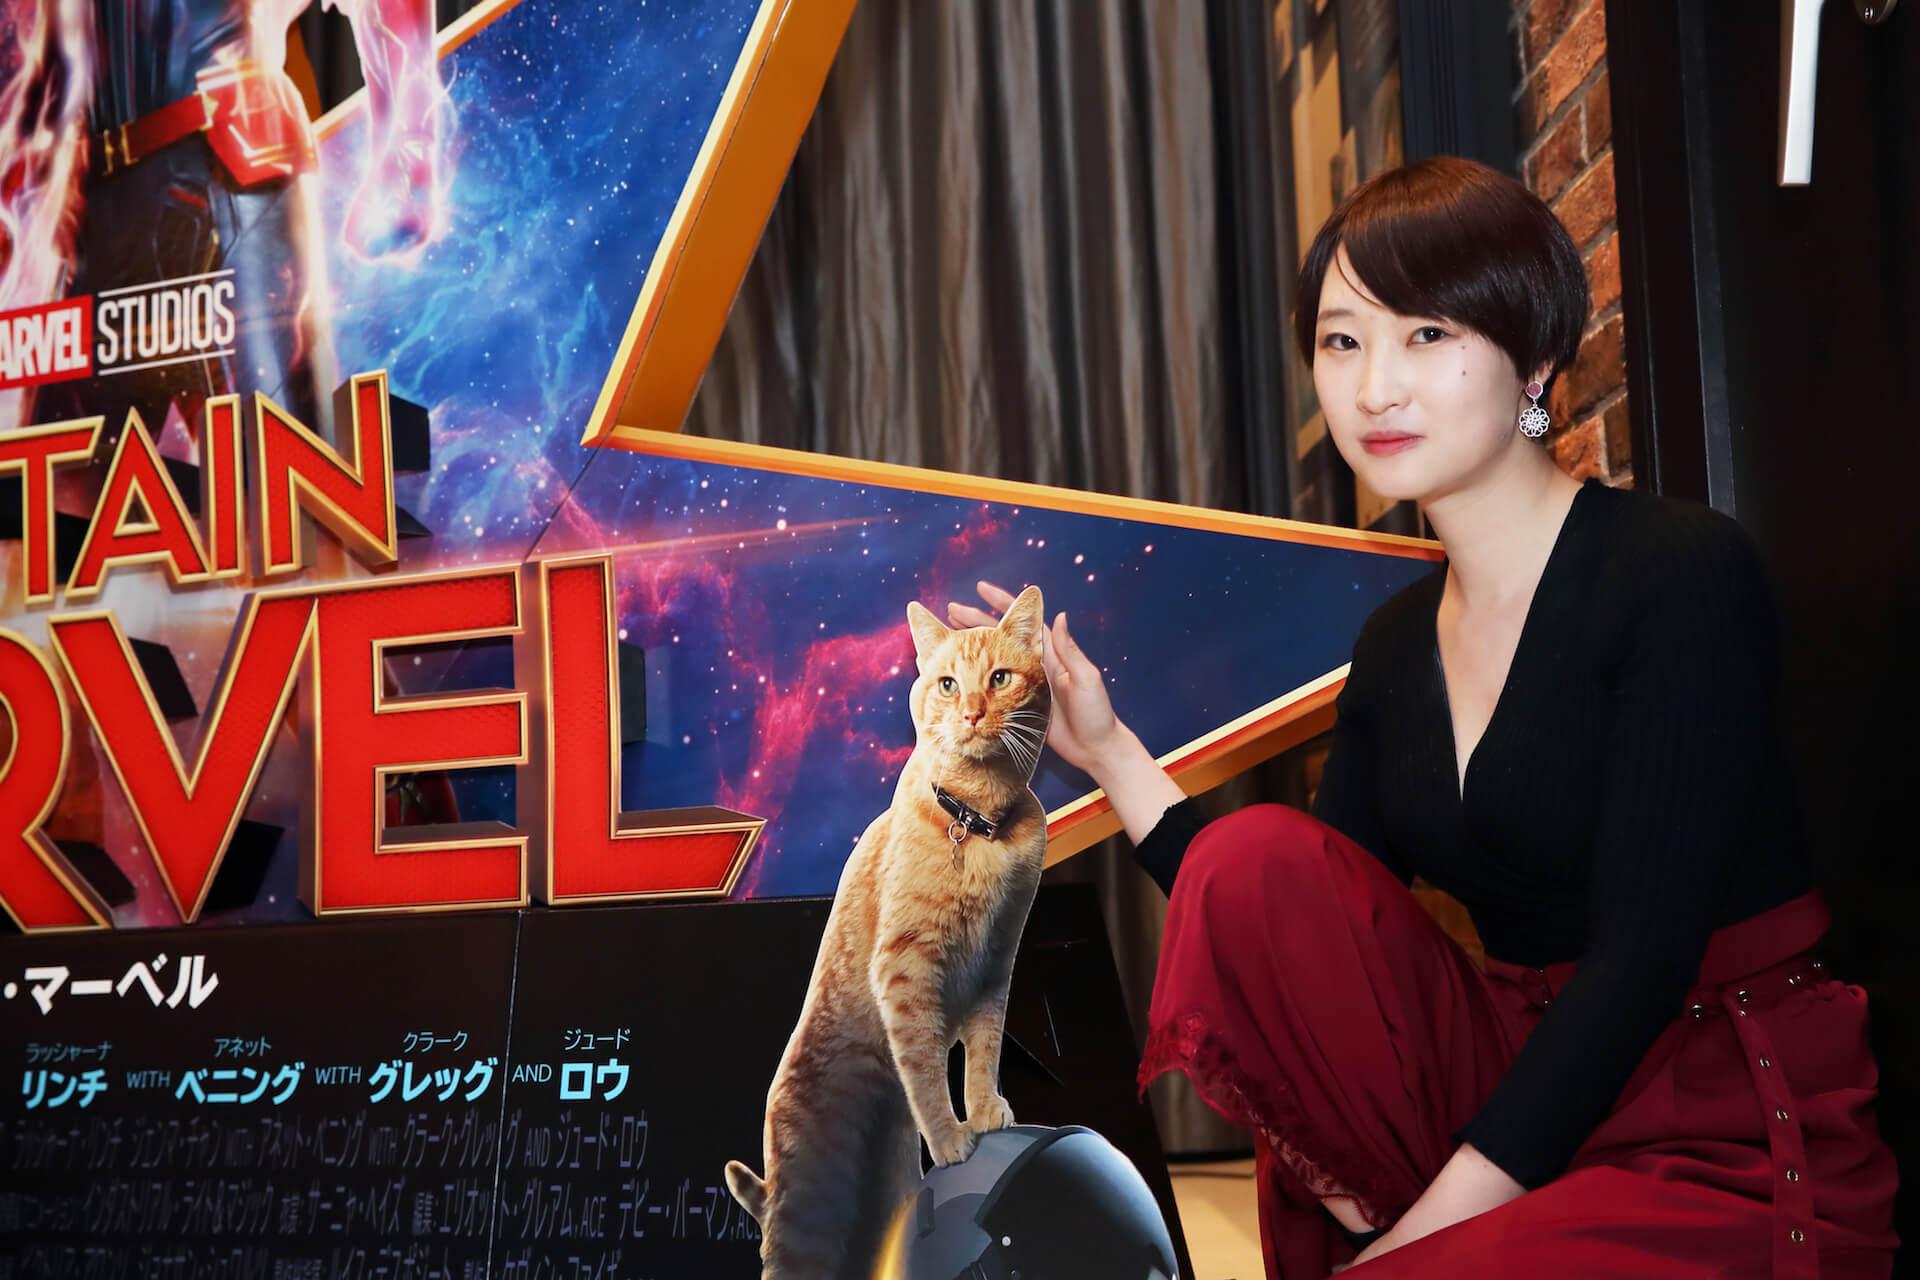 【チョーヒカル・インタビュー】最強の女性が最高!『キャプテン・マーベル』が照らすアベンジャーズとマーベルの未来 interview-captainmarvel-hikaru-cho-18